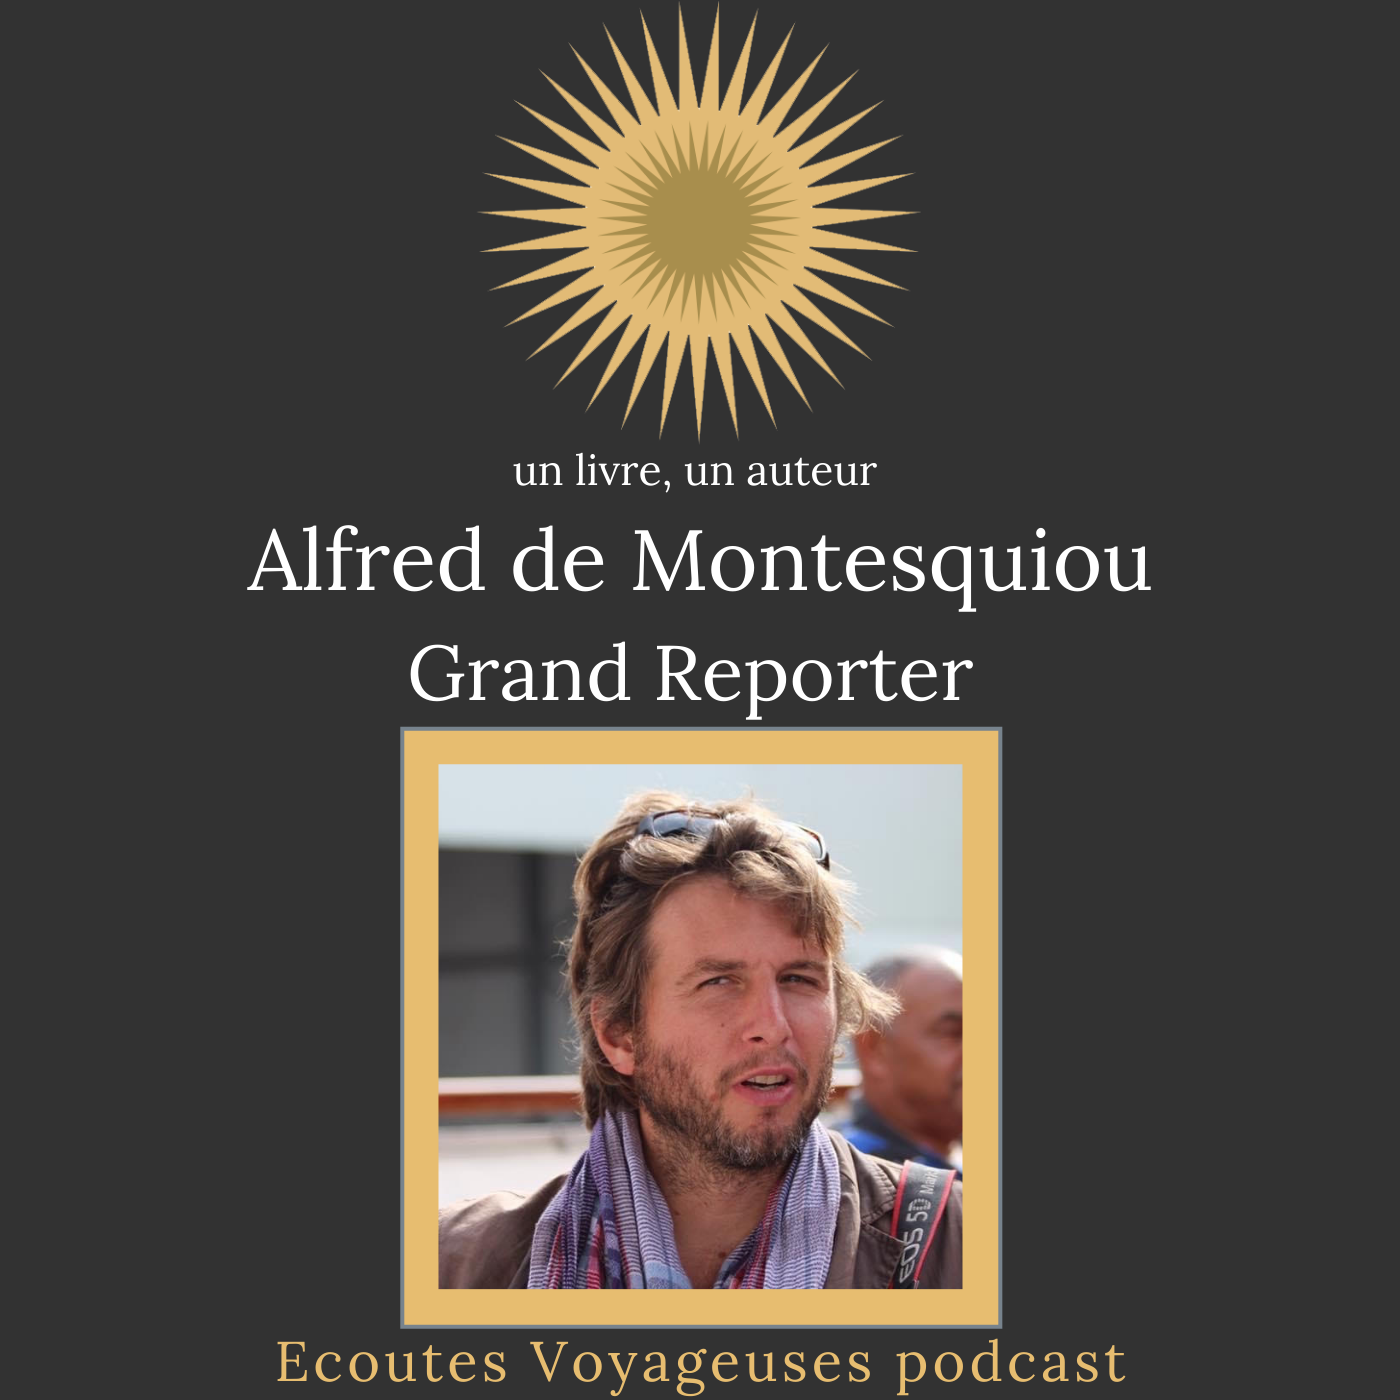 Alfred de Montesquiou, Grand Reporter